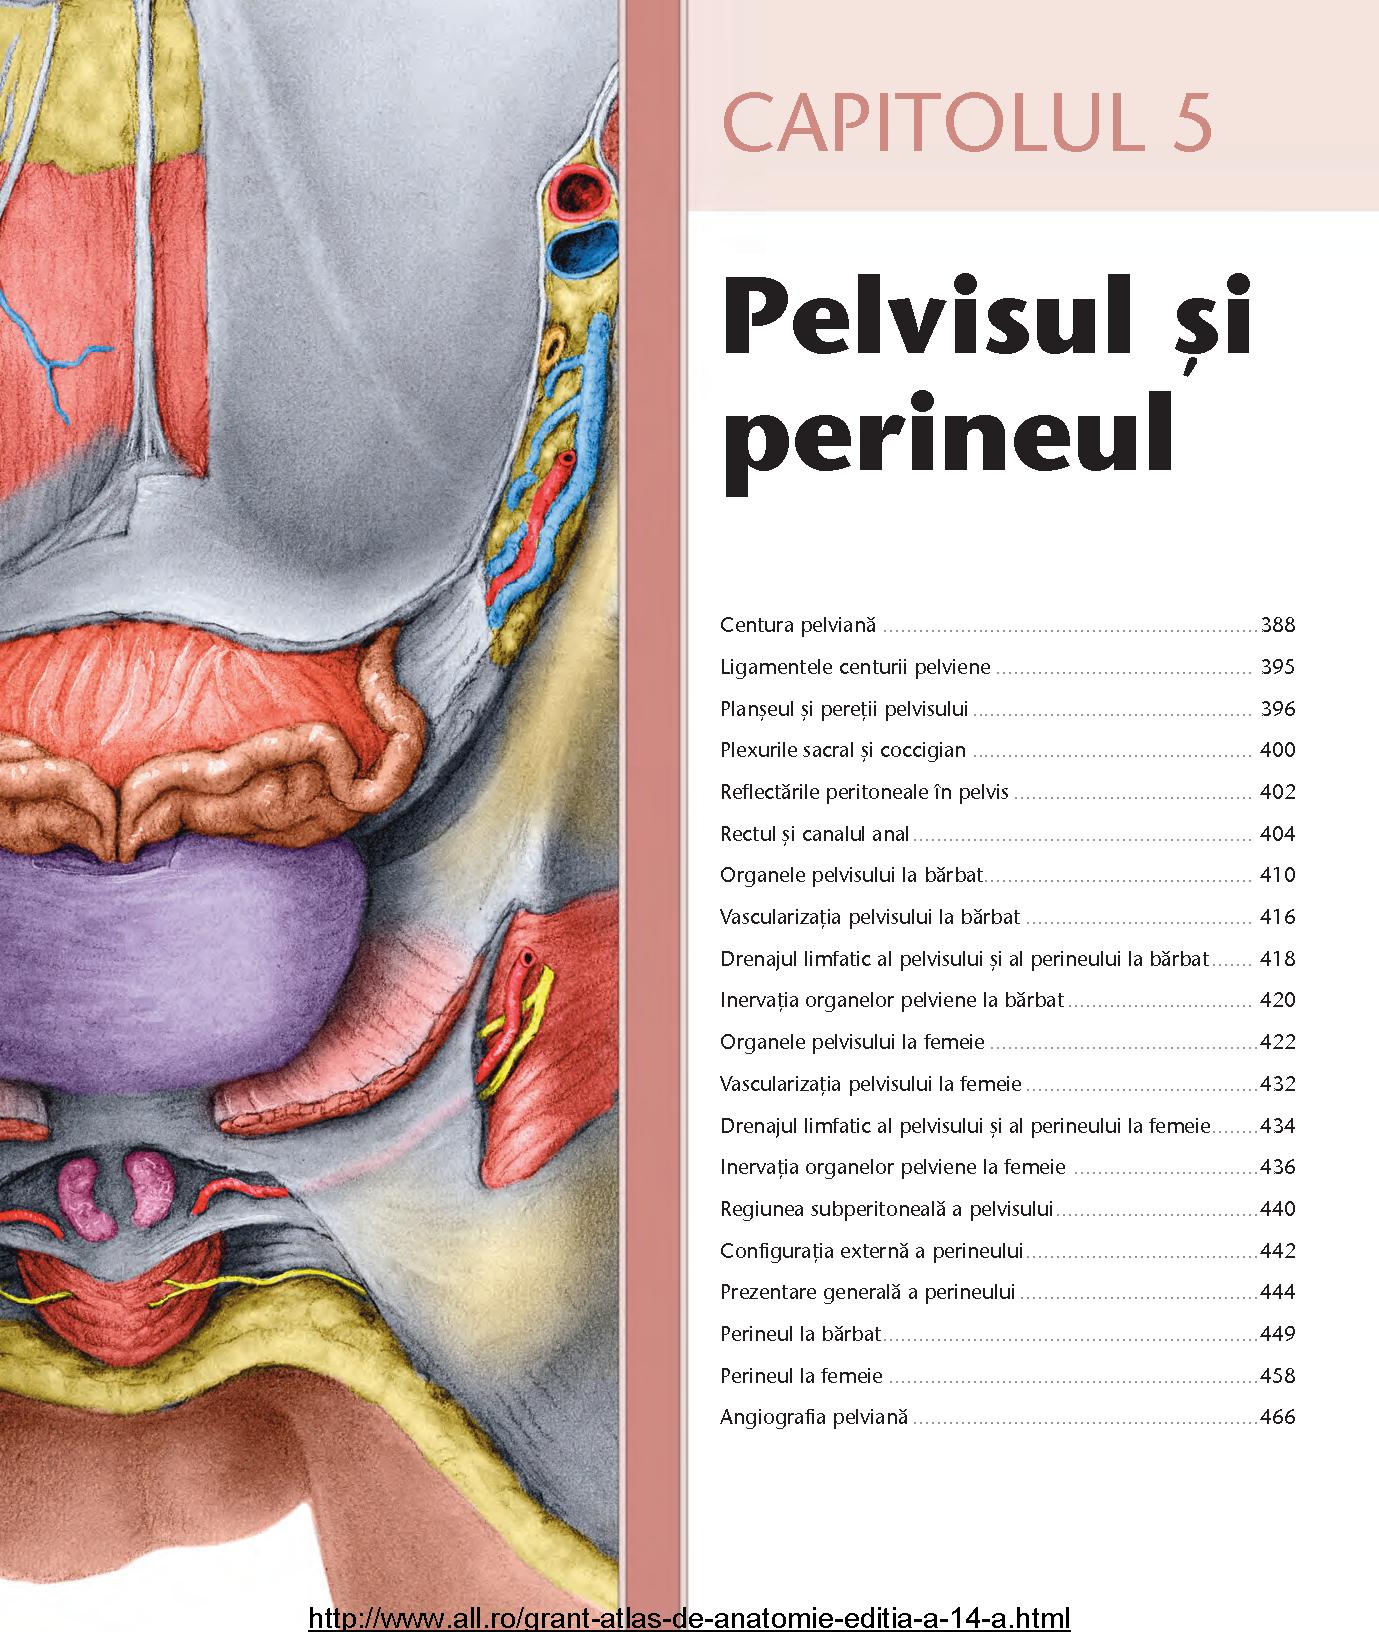 Groß Menschliche Anatomie Reale Abbildungen Bilder - Anatomie Ideen ...